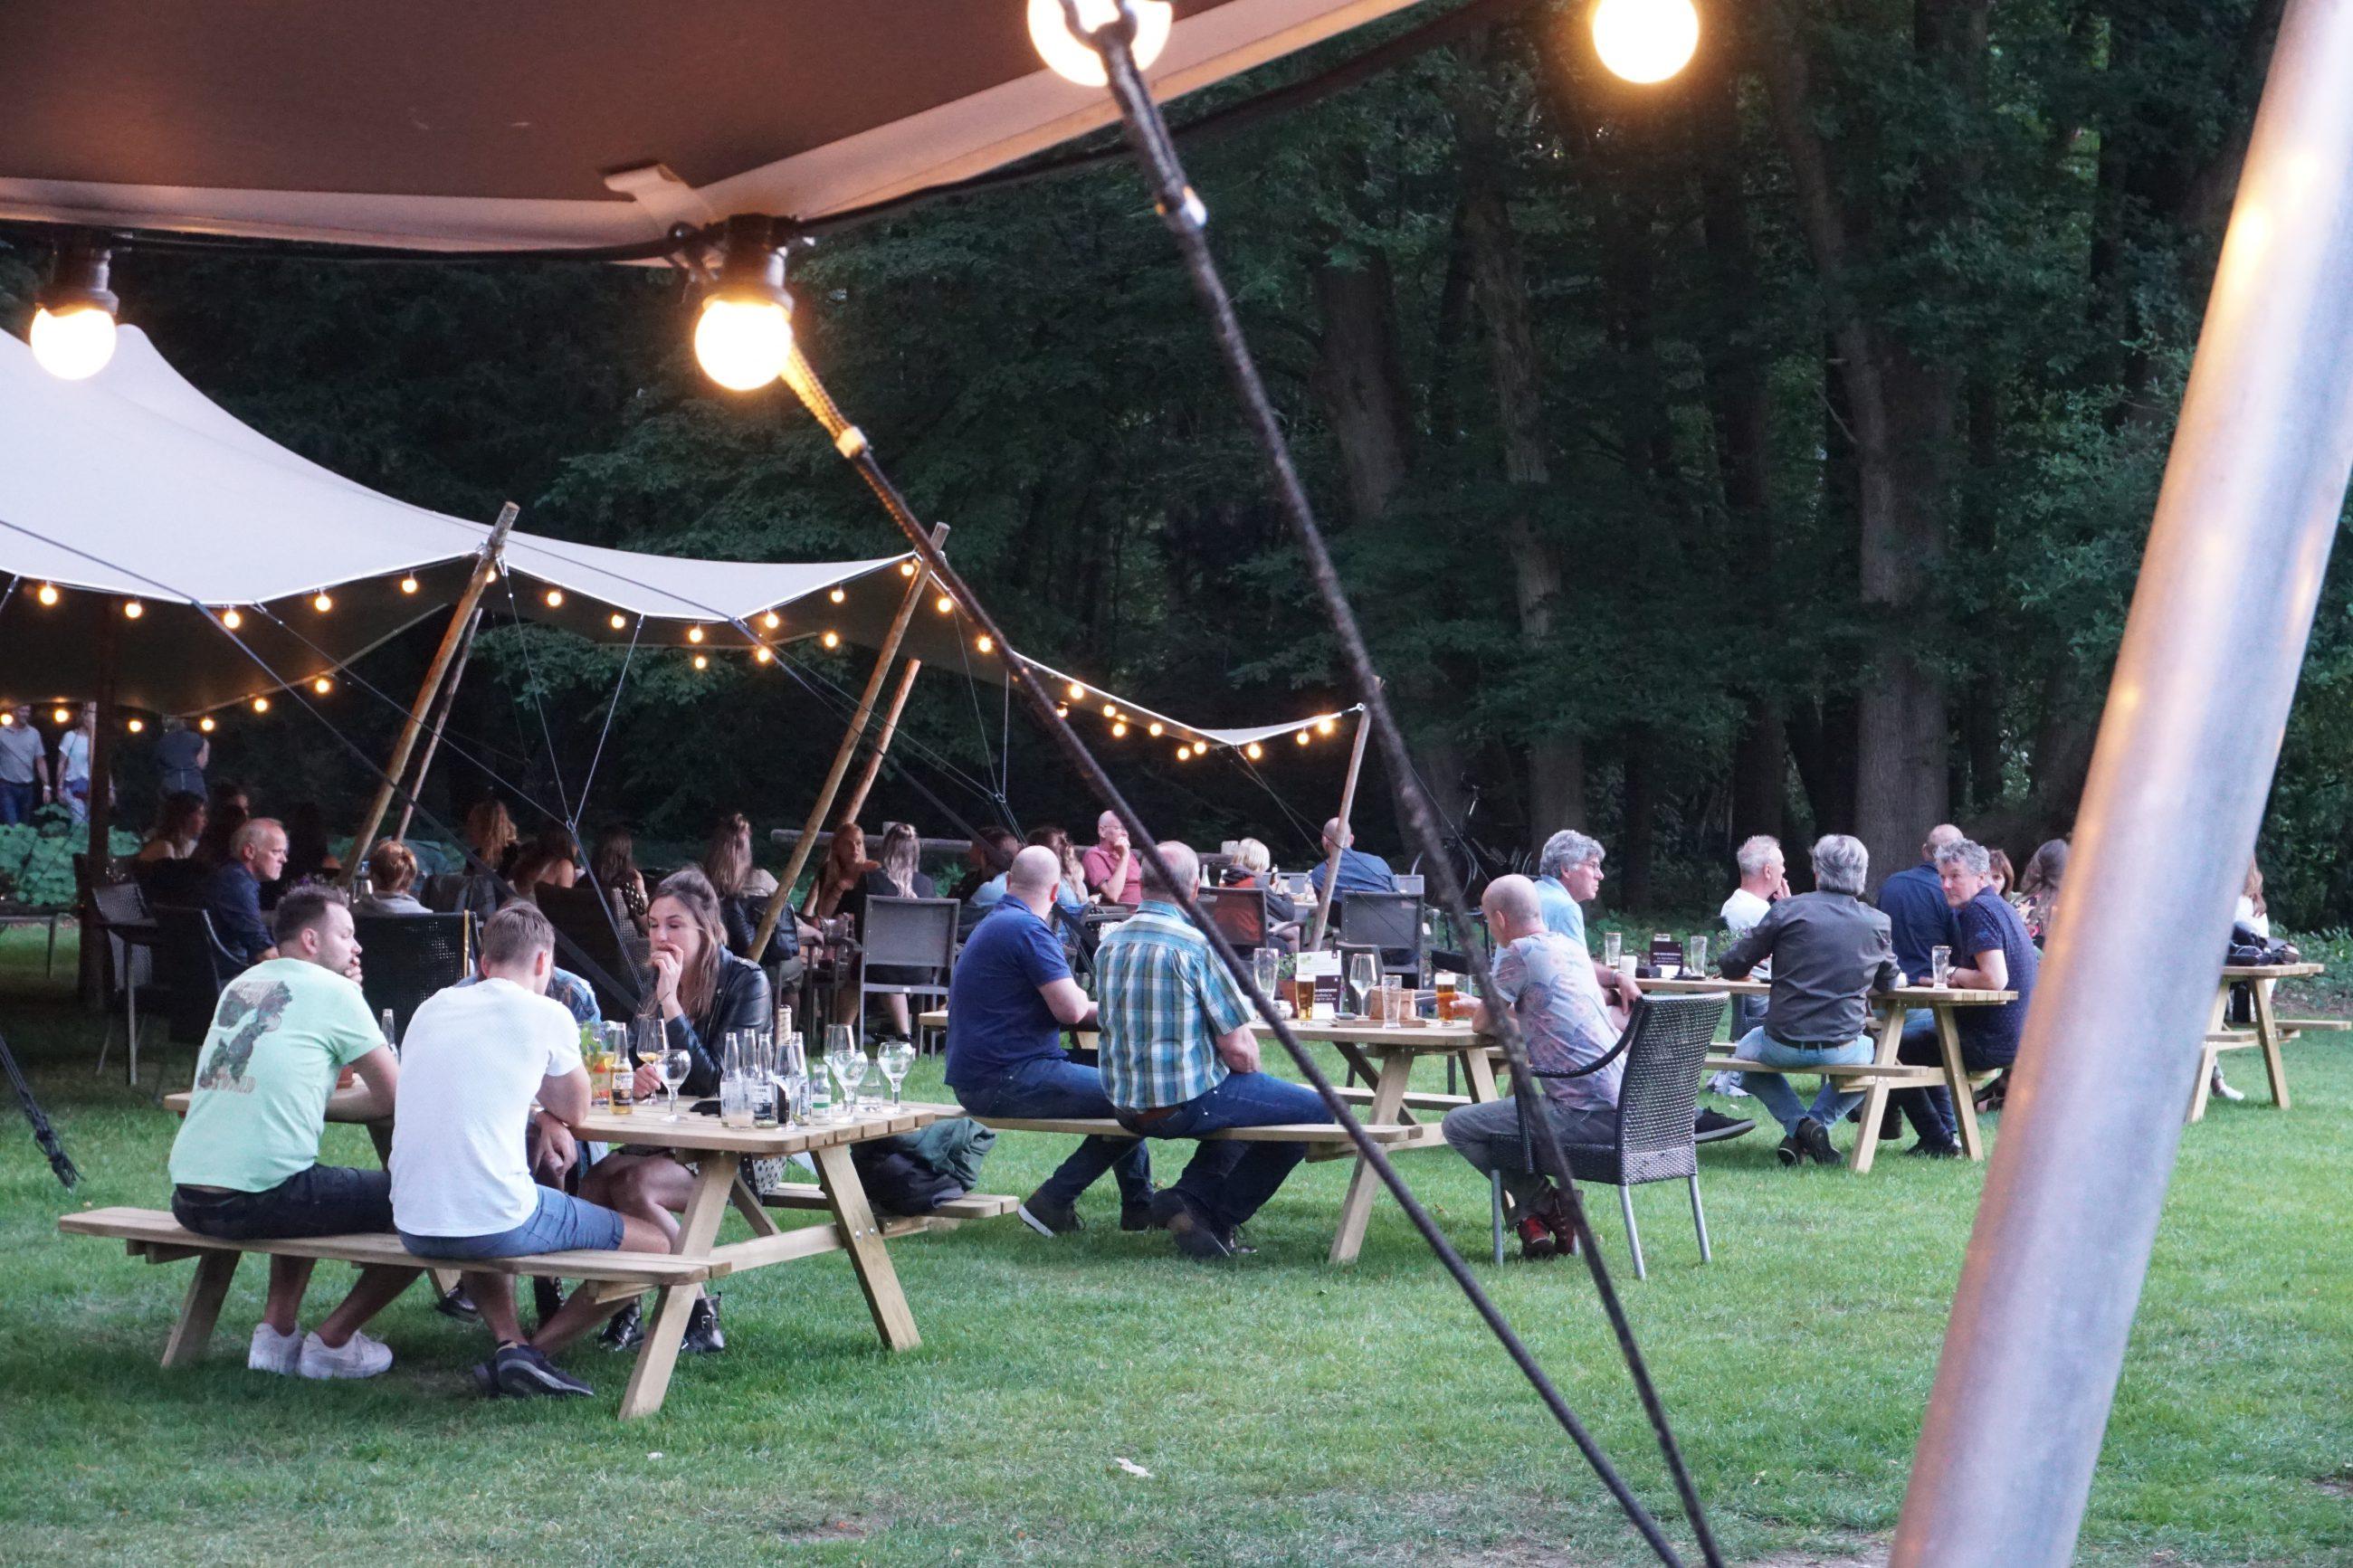 Waan je in het buitenland… op het nieuwe zomerterras van Hotel Restaurant De Wolfsberg!